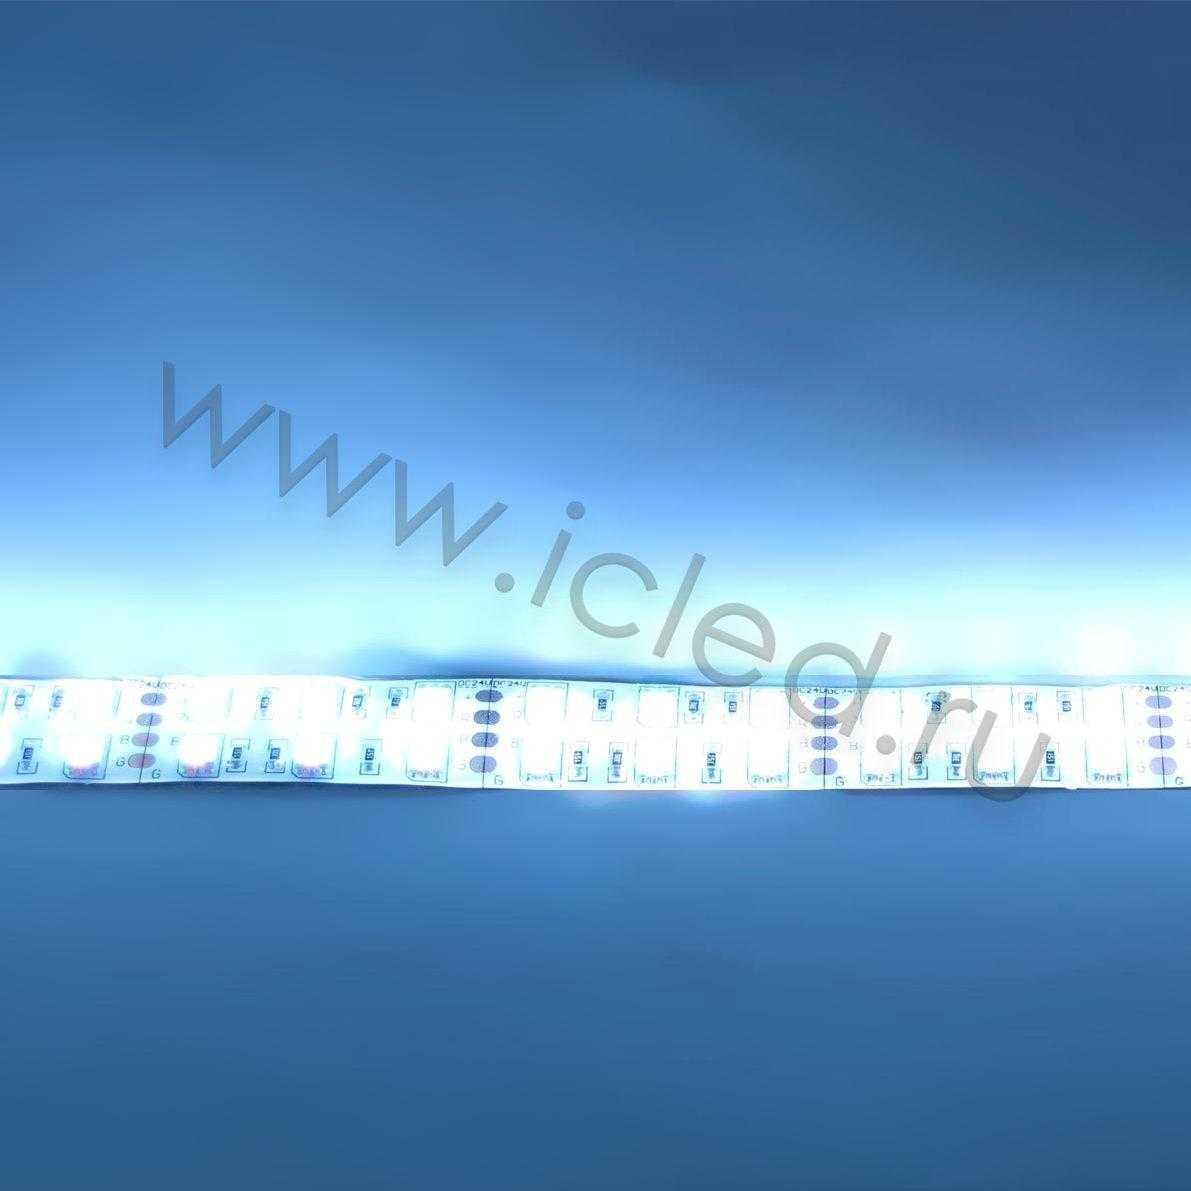 Светодиодная лента Class B, 5050, 120 led/m, RGB, 24V, IP65